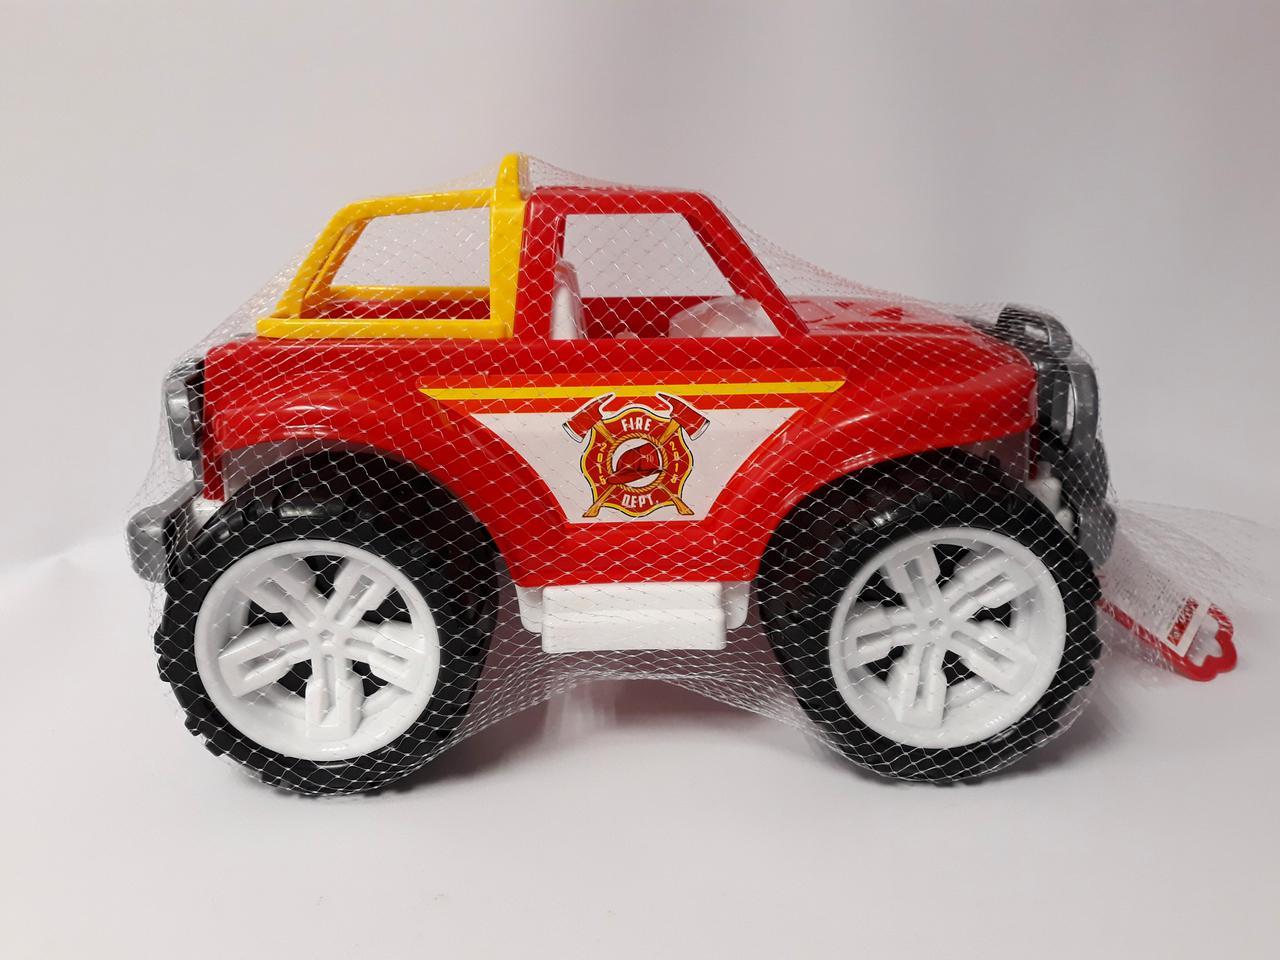 Машина пластмассовая Для малышей Внедорожник Пожарная служба 3541 Технокомп Украина